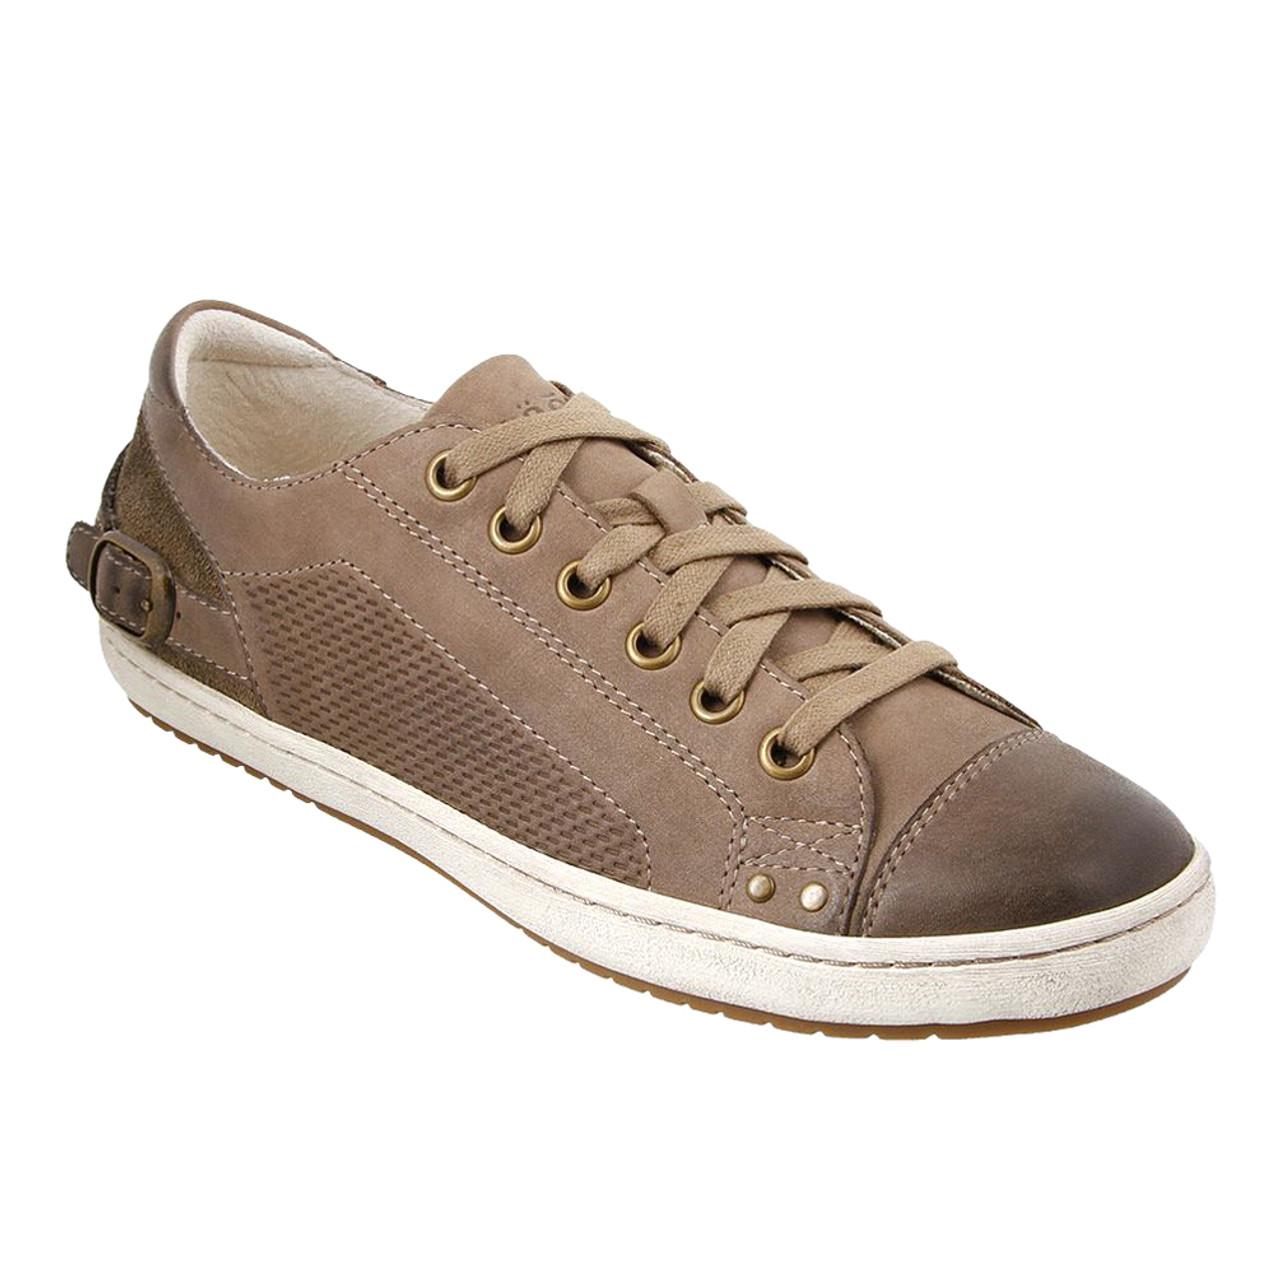 Taos Women's Capitol Sneaker - Brown